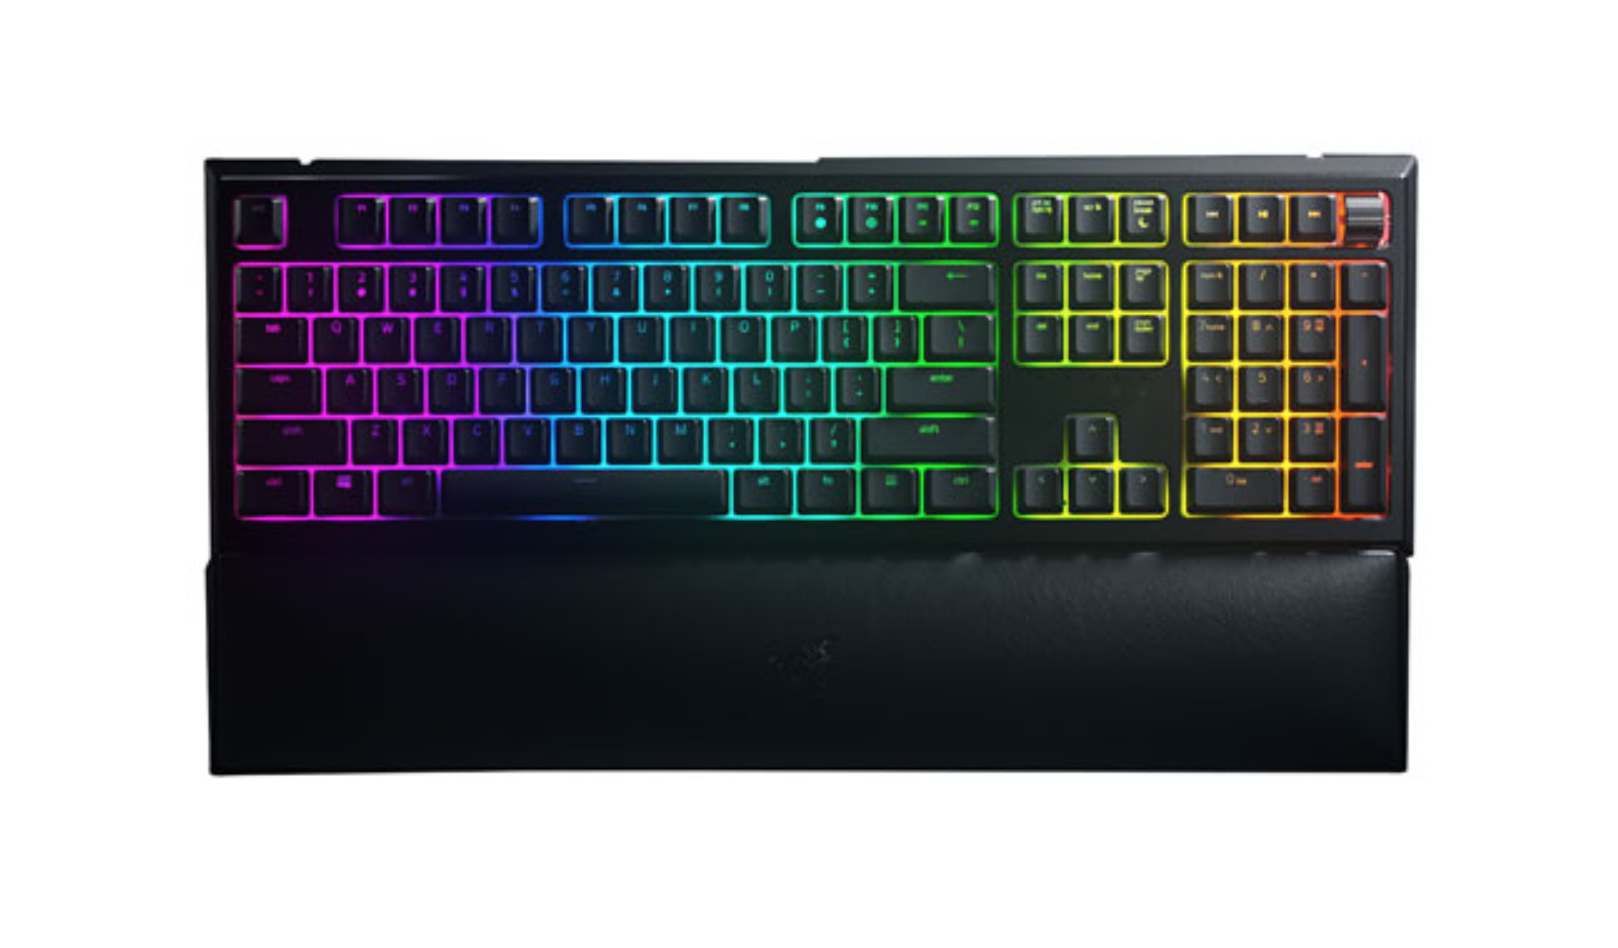 image of the Razer Ornata Chroma V2 Backlit Gaming Keyboard